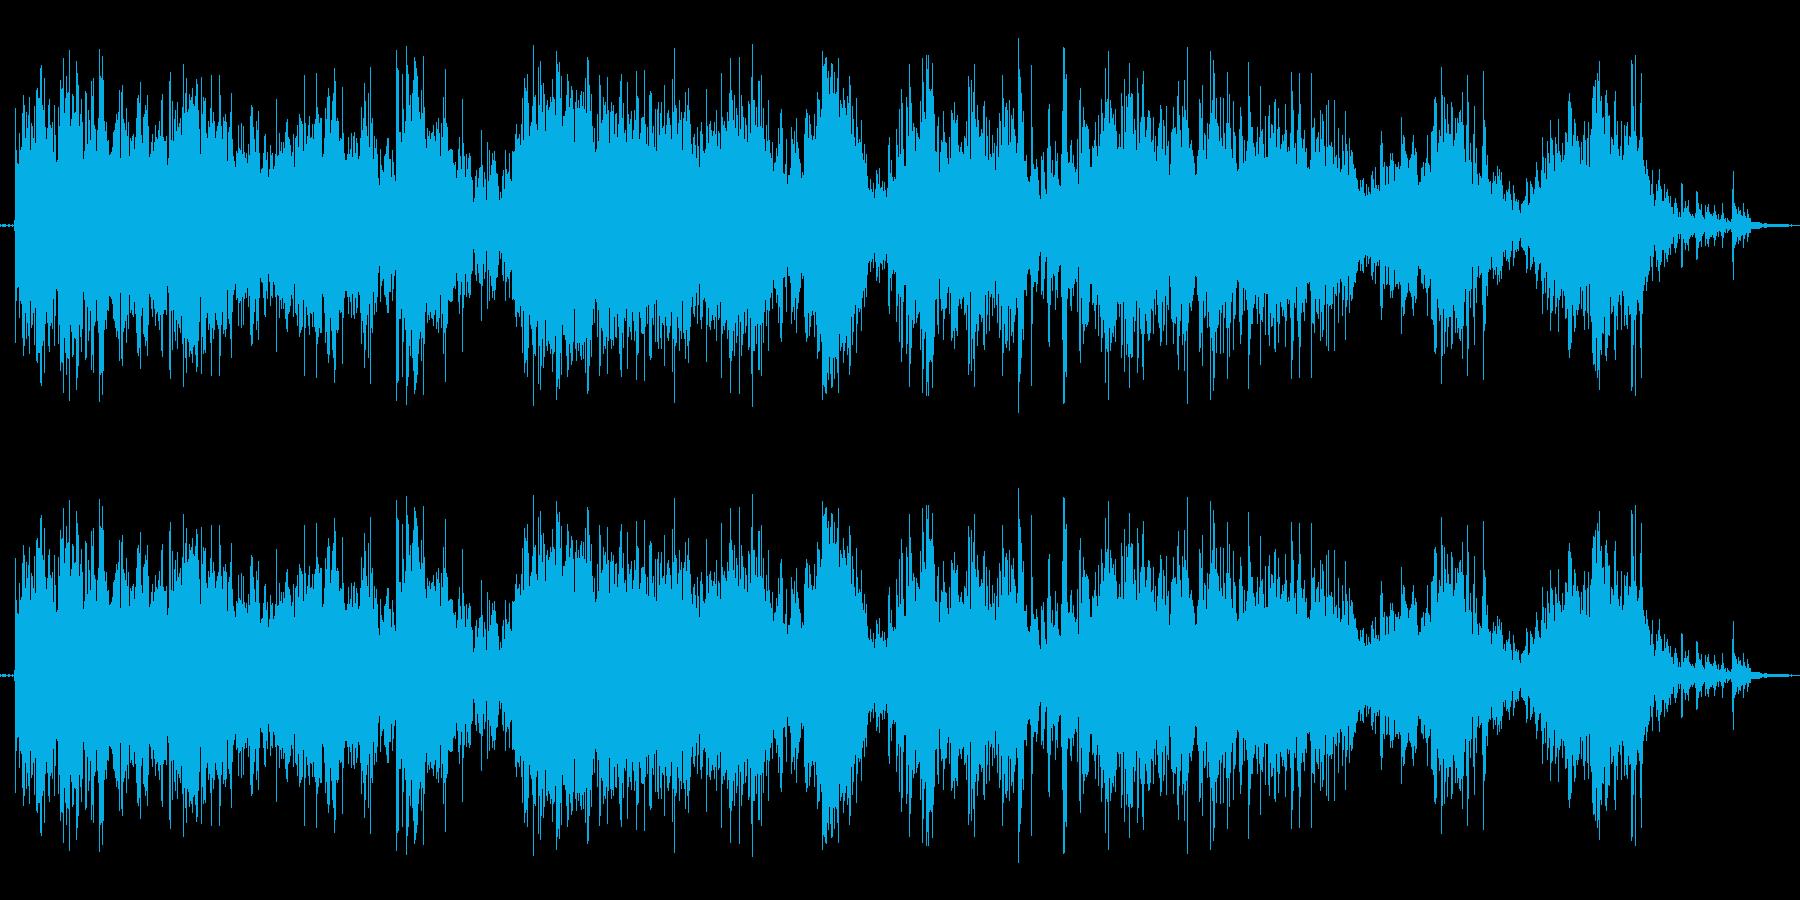 ガラガラ(くじ引きの音。長めの再生済みの波形